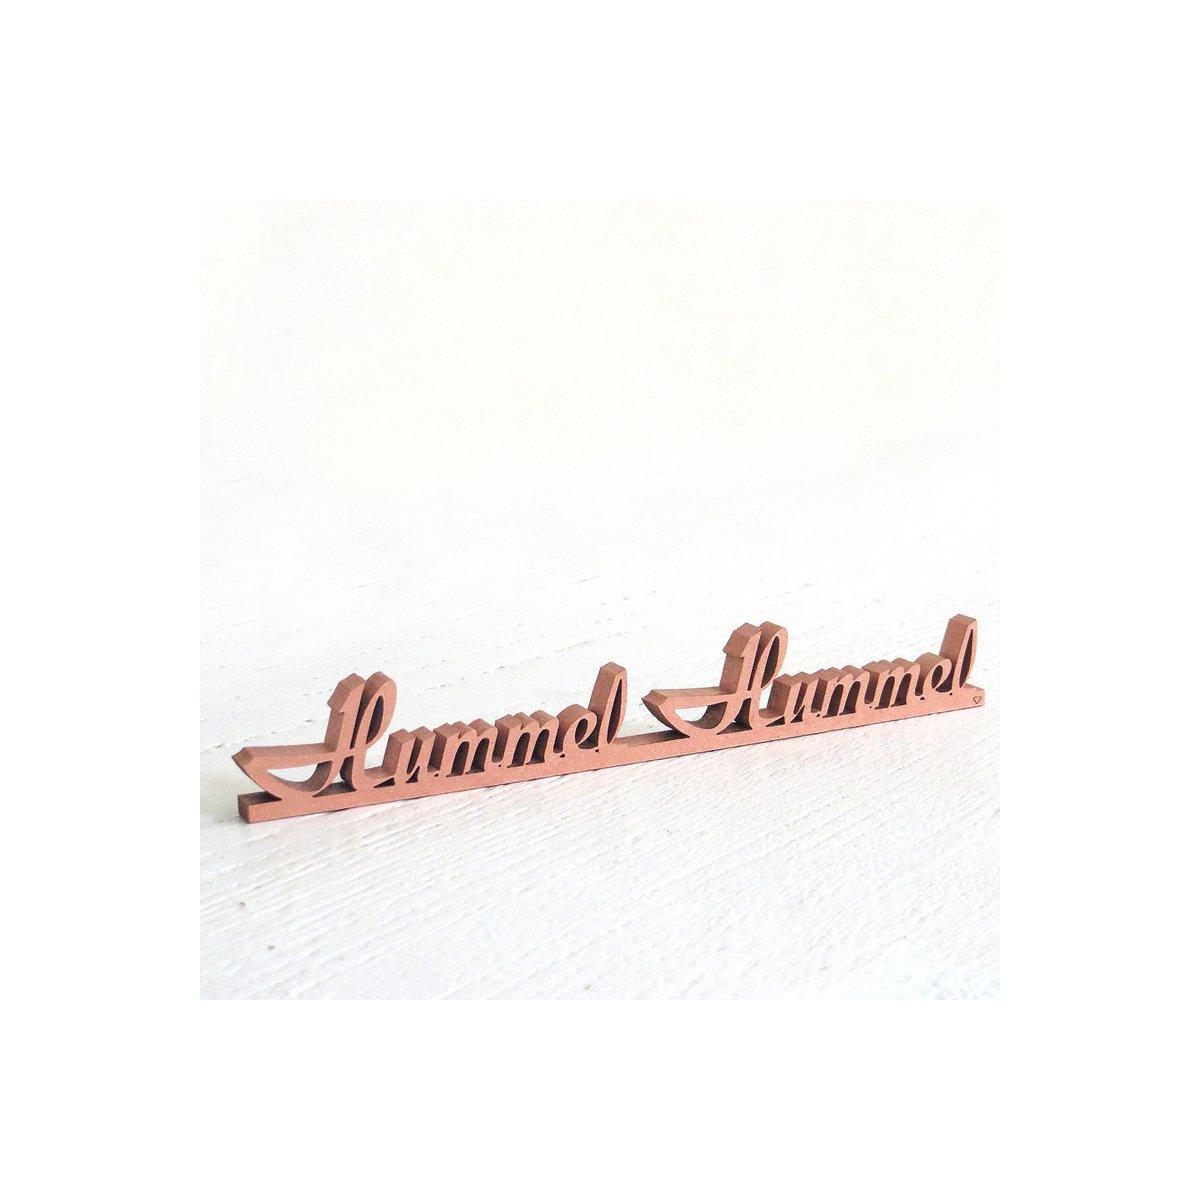 Hummel Hummel, 14,50 € - NOGALLERY - 3D Holzschriftzüge - das Or